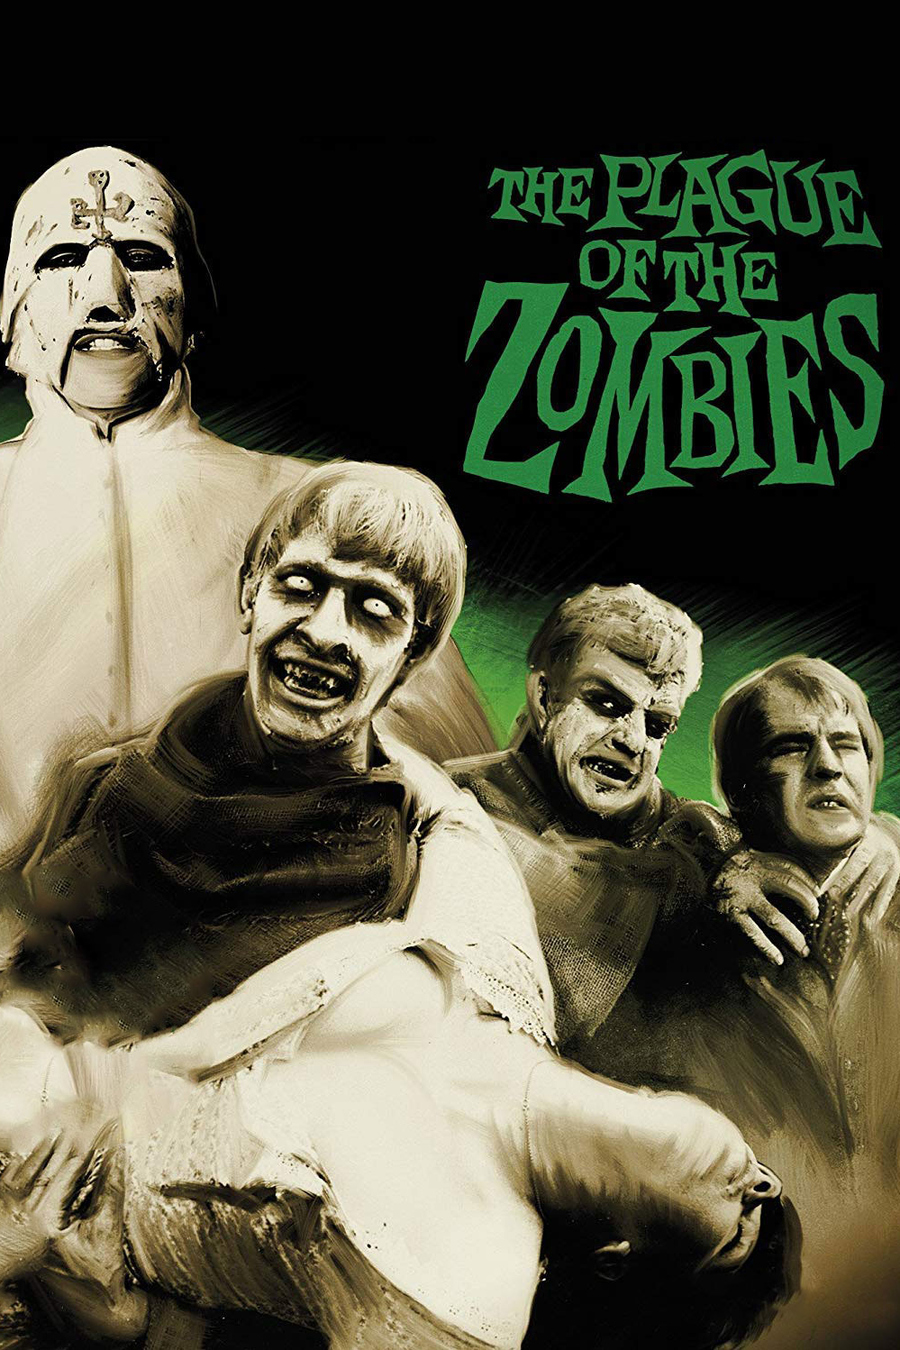 La Plaga de los Zombies